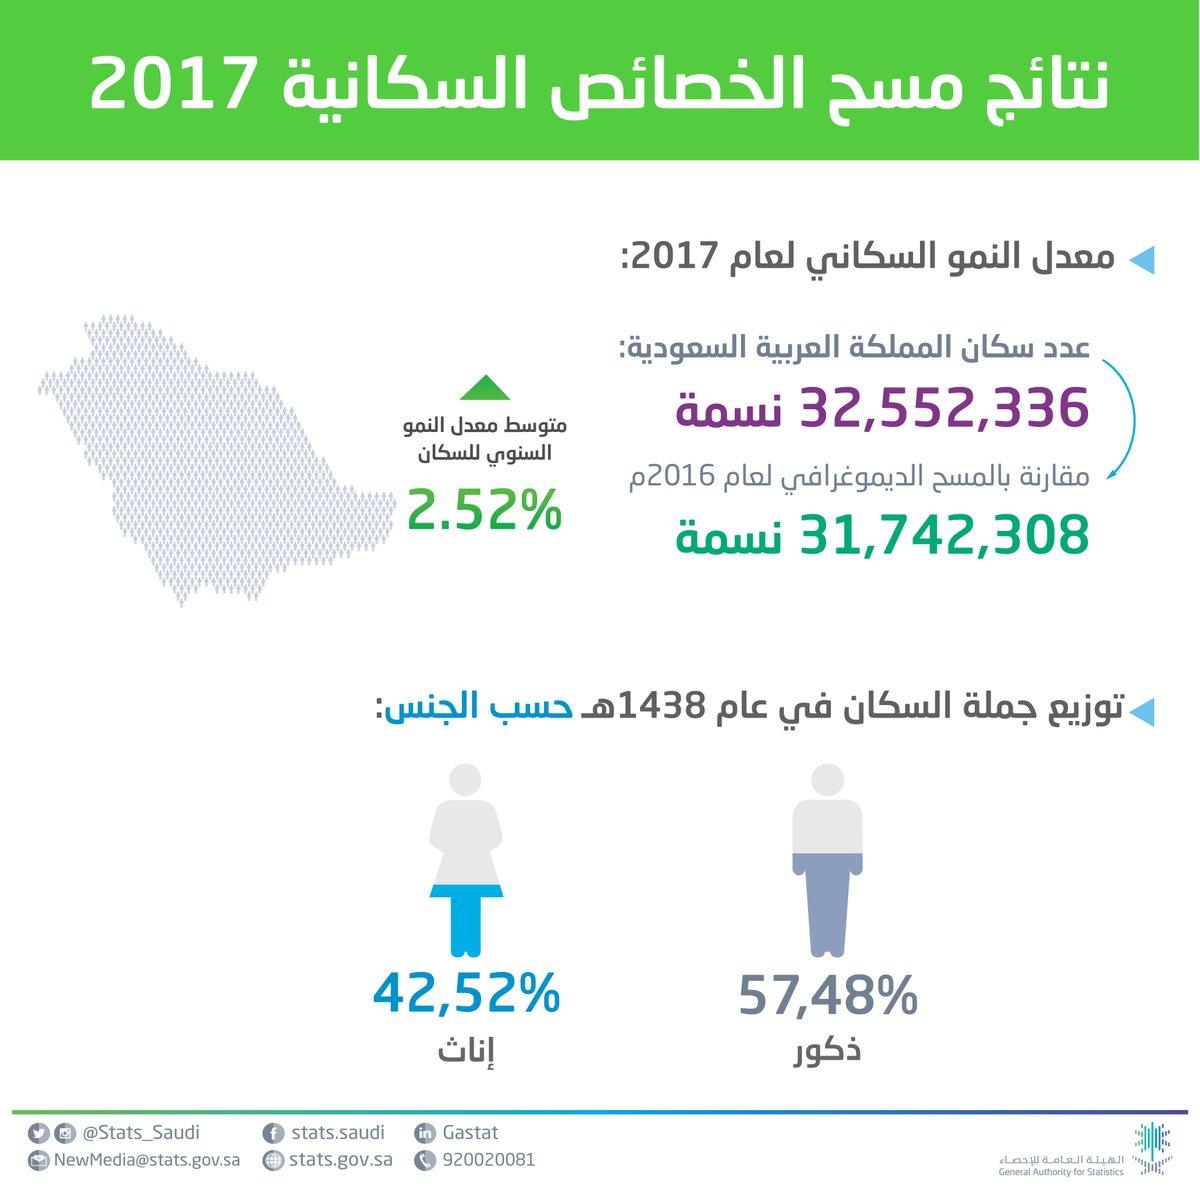 الإحصاء عـدد سكان المملكة 32 5 مليون نسمة السعوديون 63 صحيفة الاقتصادية